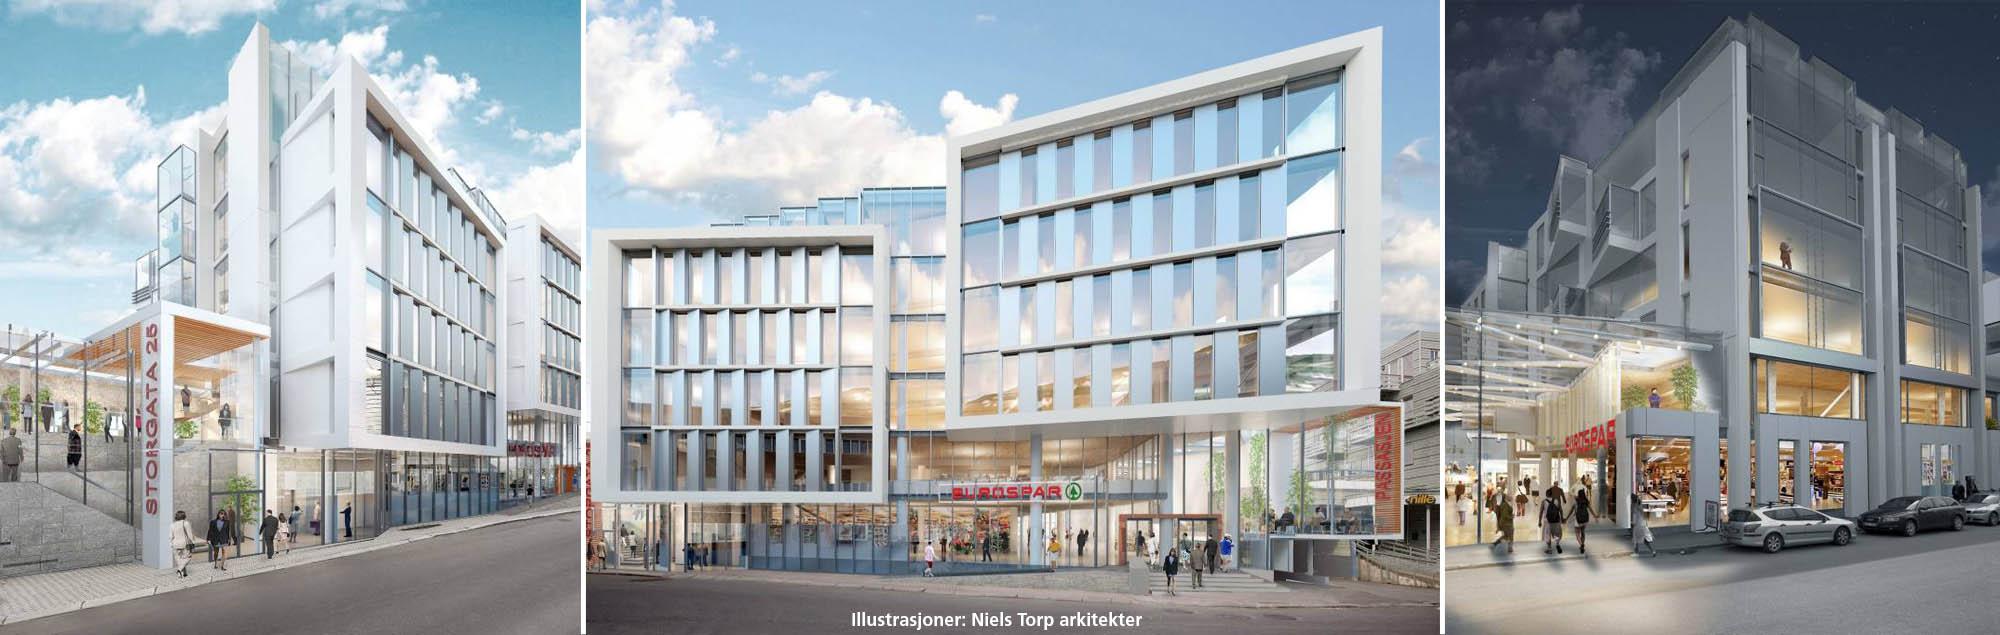 Fundamentering sikrer grunnen for forretningsbygg i Tromsø